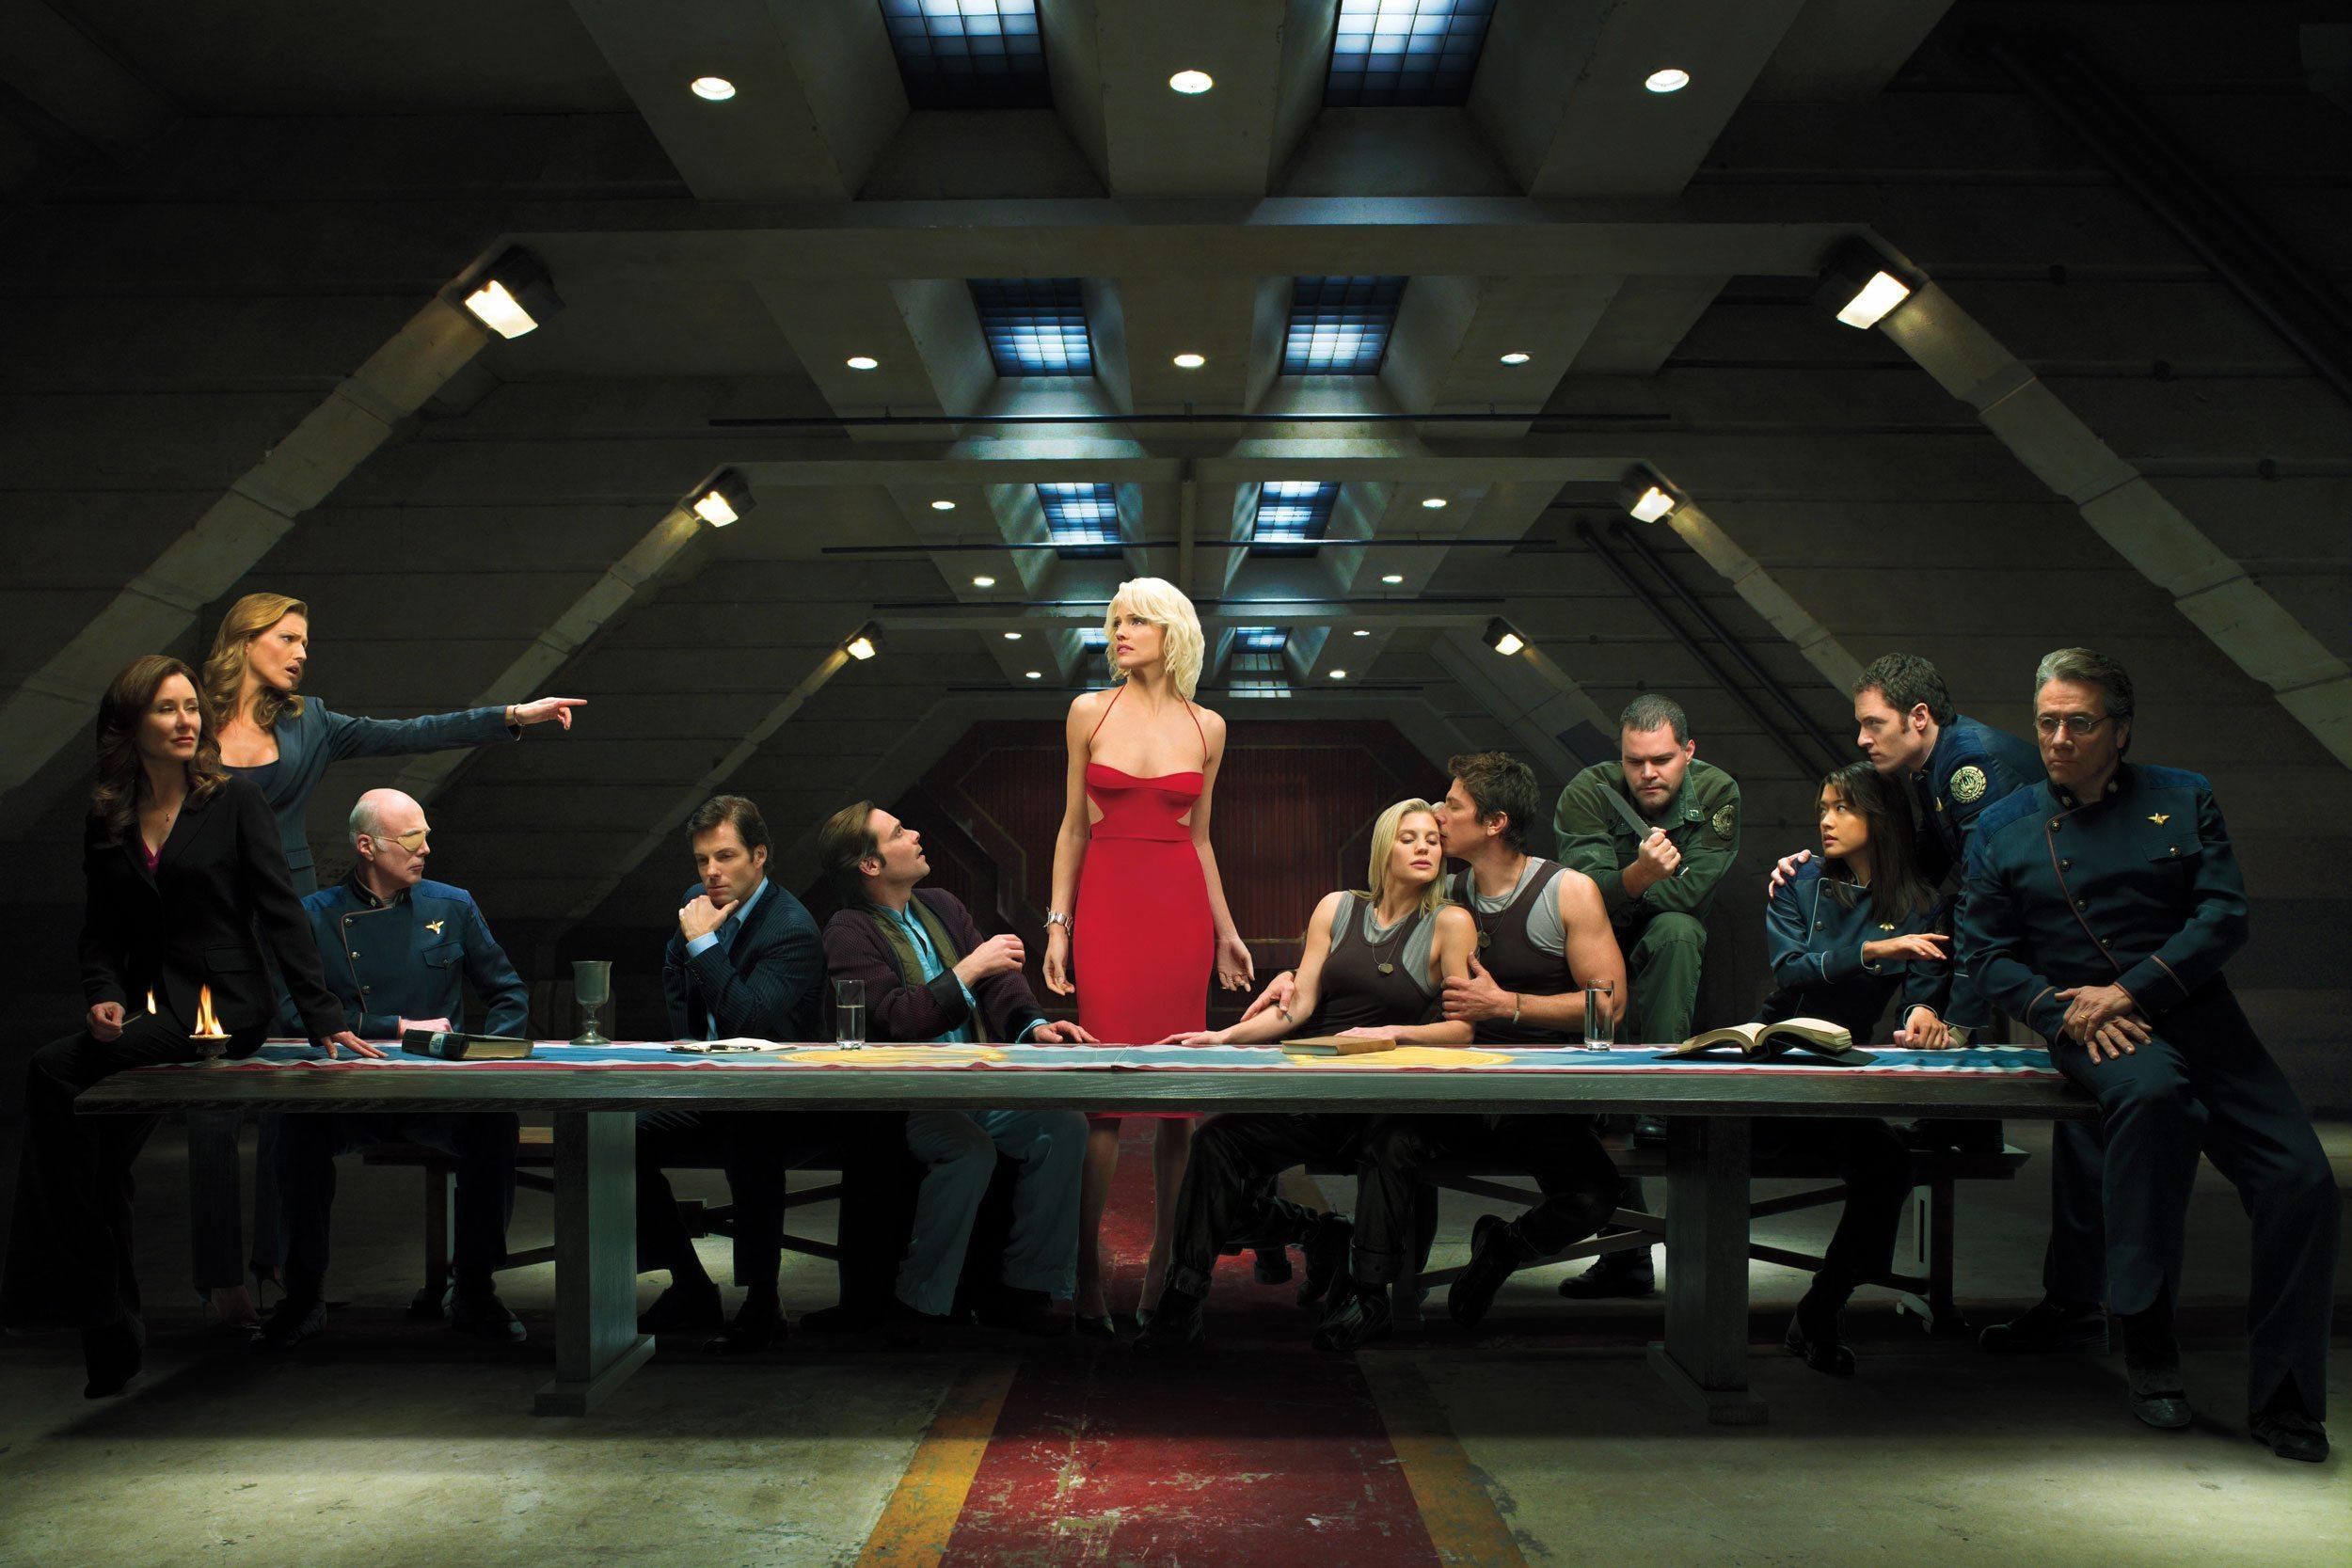 Battlestar Galactica 2004 BagoGames